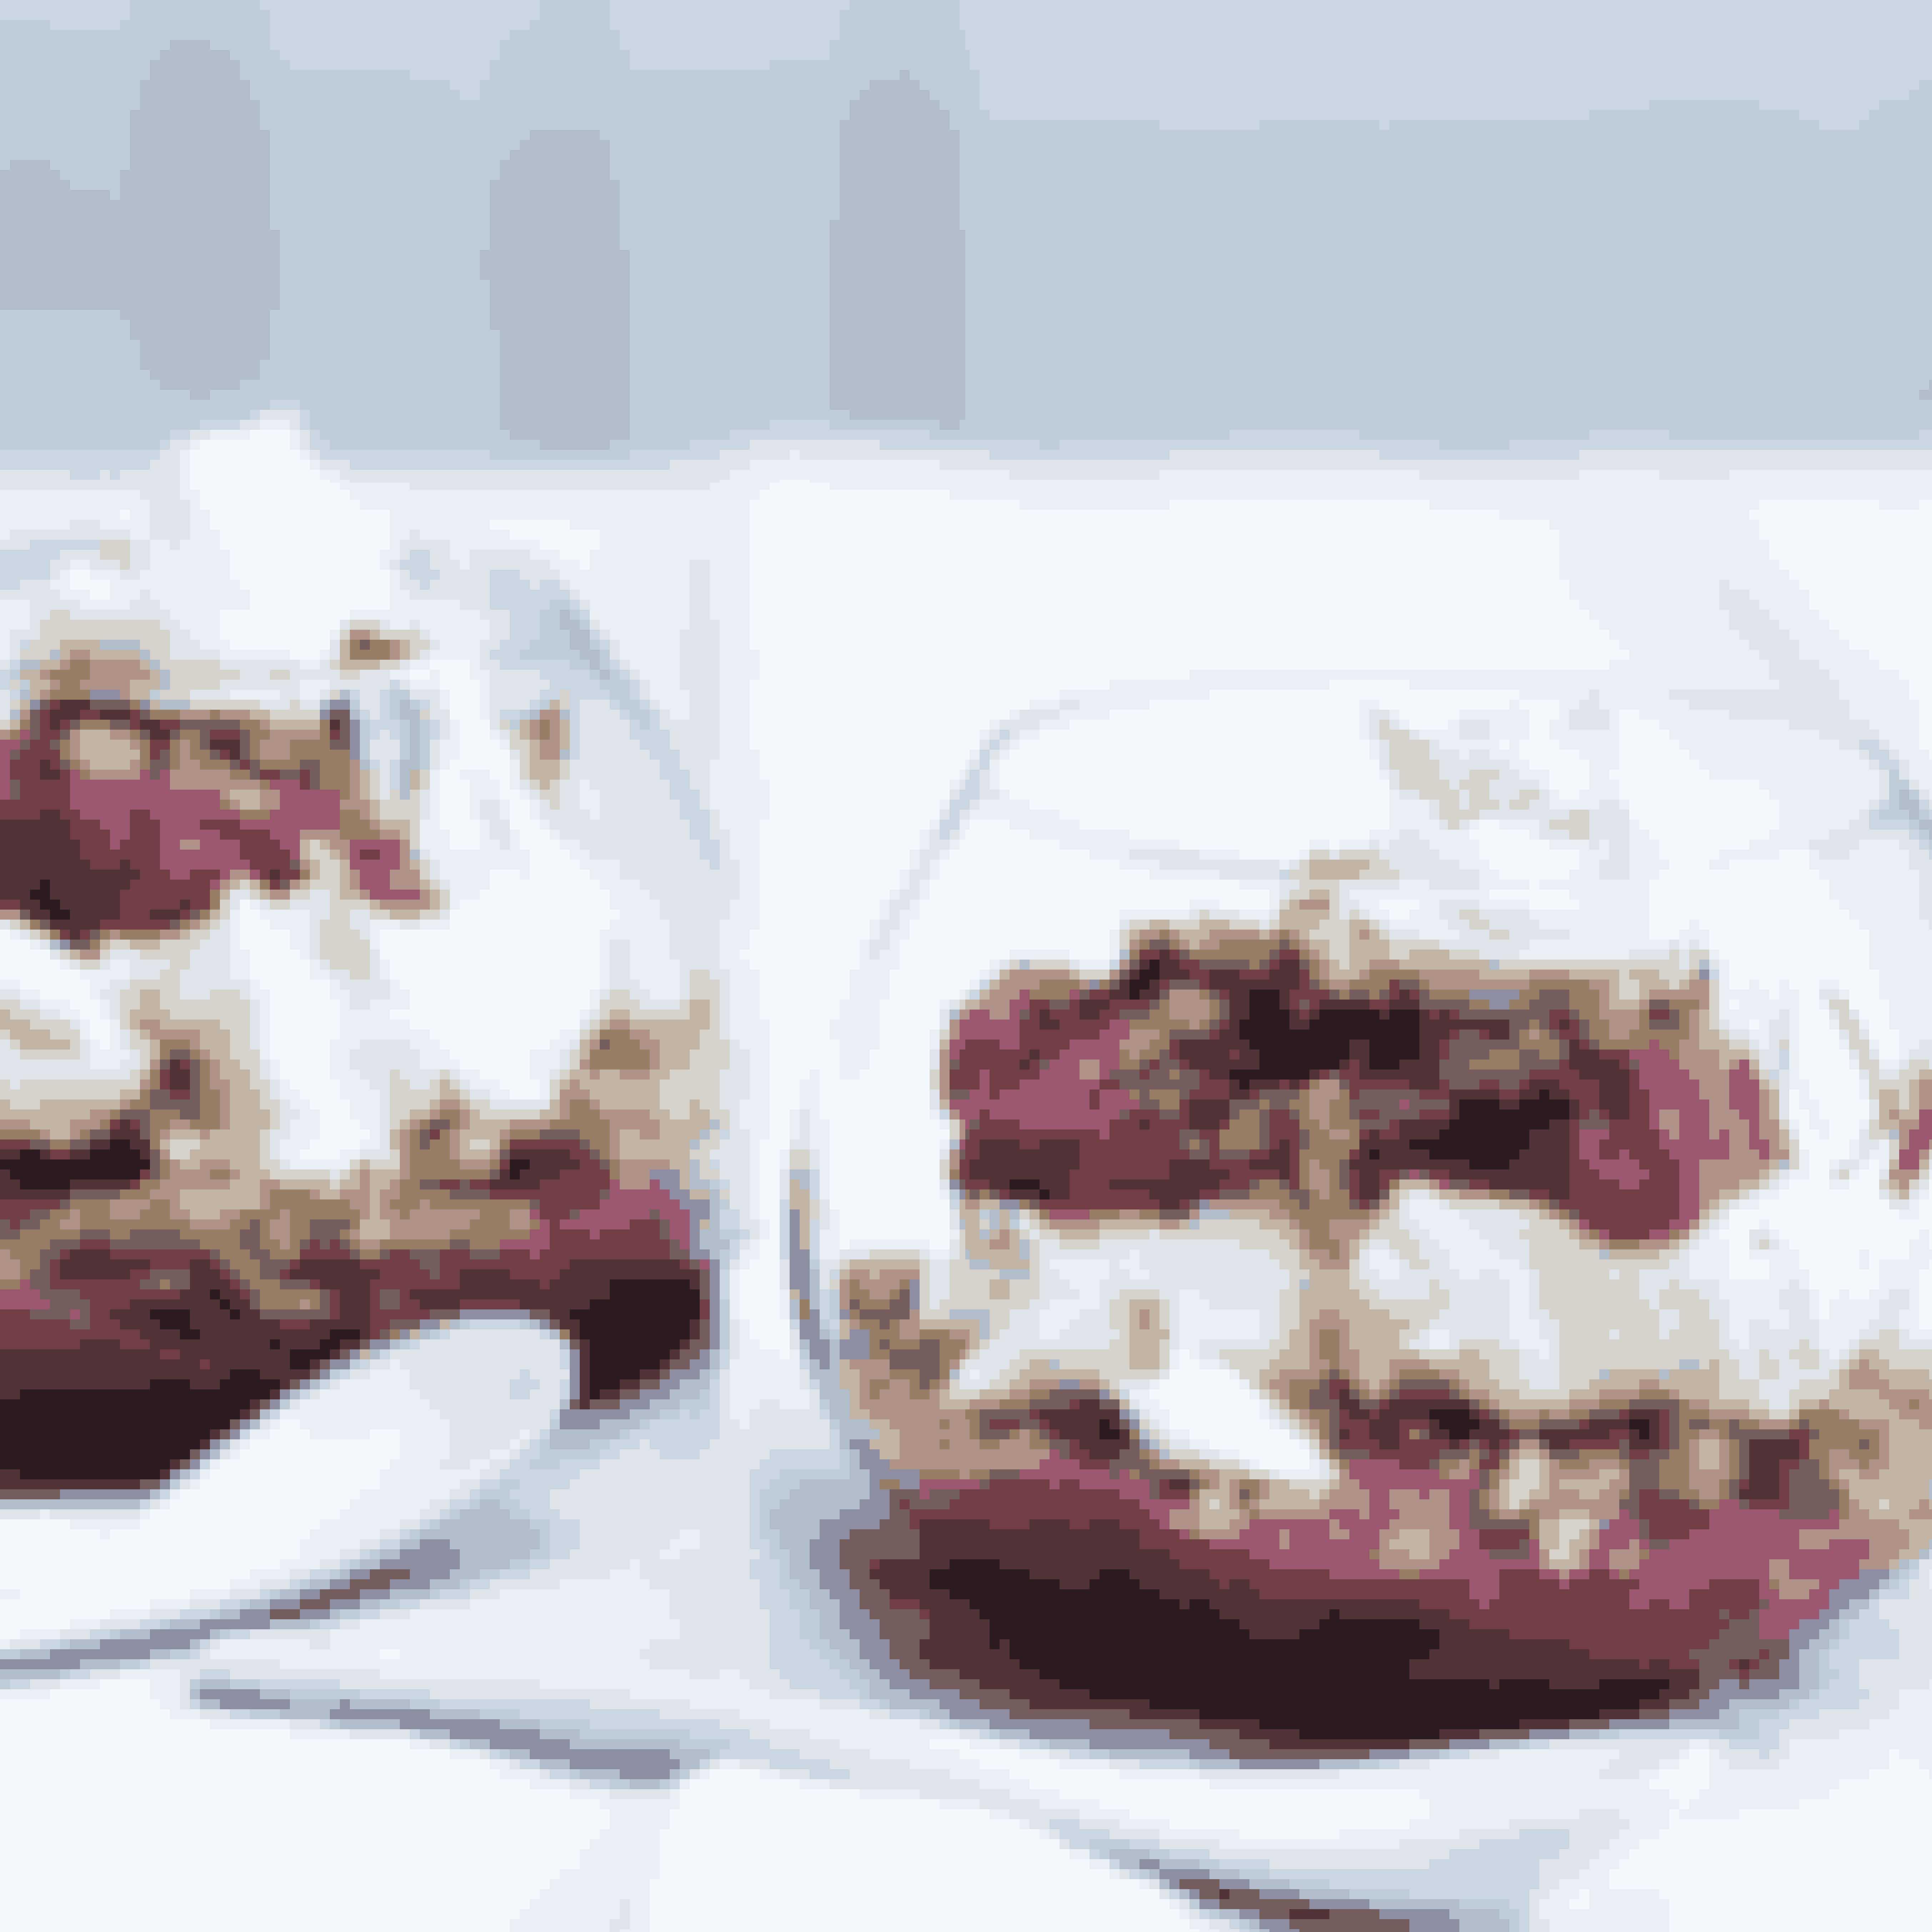 Hvis du ikke vil benytte rabarber, kan du koge en æblekompot eller lave en anden kompot af din yndlingsfrugt.Det skal du bruge til trifli med rabarber og nøddekrymmelTid: 20 min. Antal: 4 personer400 g rabarber240 g rørsukker2 spsk. kartoffelmelkorn af 1 vaniljestangMacaponecreme:2½ dl piskefløde250 g mascarponekorn af 1 vaniljestangskal af 1 usprøjtet citron3-4 spsk. flormelisNøddekrymmel:2 spsk. sirup100 g smør100 g valnødder, hasselnødder eller mandler100 g havregrynSådan laver dutrifli med rabarber og nøddekrymmelRens rabarberne, og skær dem i stykker på 2 cm. Fordel dem i et ovnfast fad beklædt med bagepapirDrys med sukker, kartoffelmel og vaniljekorn, og læg også den tomme vaniljebælg i fadet.Bag rabarberne i en 175° varm ovn i 20 minutter. Lad rabarberne afkøle helt.Fjern vaniljebælgen, og rør rabarberne sammen til en ensartet masse.Mascarponecreme: Pisk fløden til skum, og vend flødeskummetsammen med mascarpone, vaniljekorn, fint-revetcitronskal og flormelis.Nøddekrymmel: Varm sirupog smør op på en pande. Tilsæt hakkede nødder og havregryn, og rist det i 5 minutter under konstant omrøring. Lad blandingen køle af.Byg triflien op i små glas eller i en stor skål.Start med et lag rabarber, drys et lag krymmel på, og fordel så et lag vaniljecreme over. Gentag med at lægge lag i denne rækkefølge, og servér.